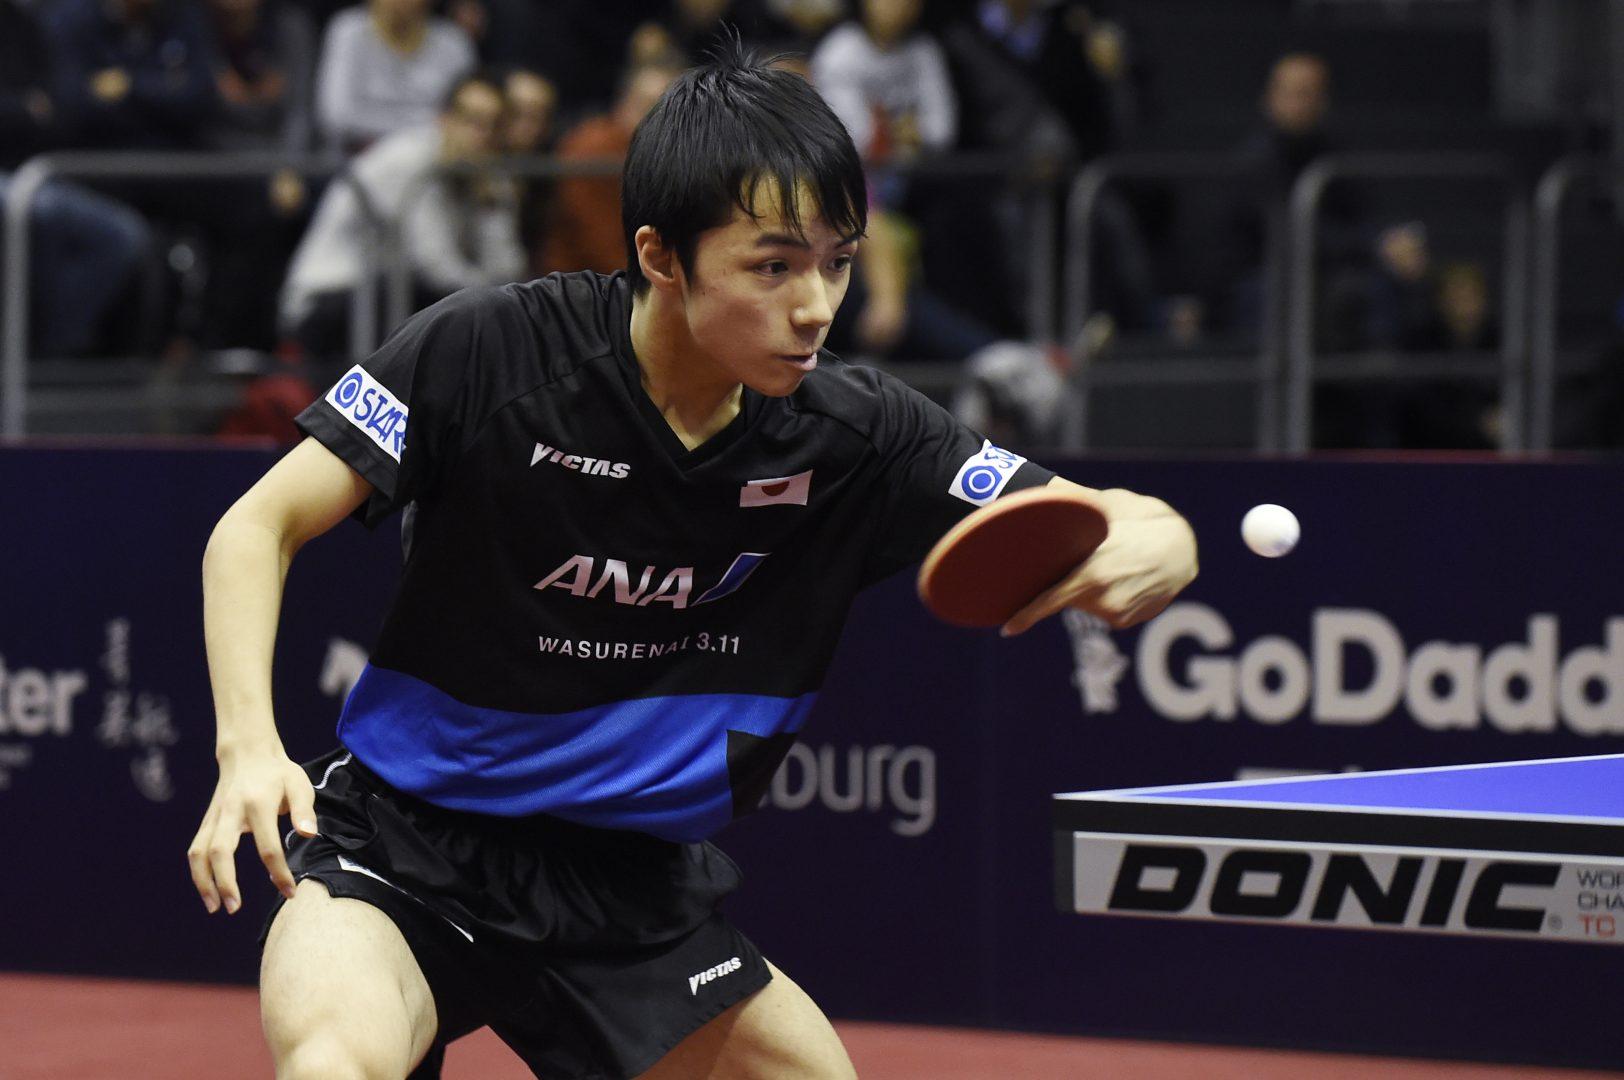 日本勢は上位入賞ならず。ペンホルダーの薛飛(中国)が優勝【世界ジュニア卓球選手権:男子シングルスの結果】